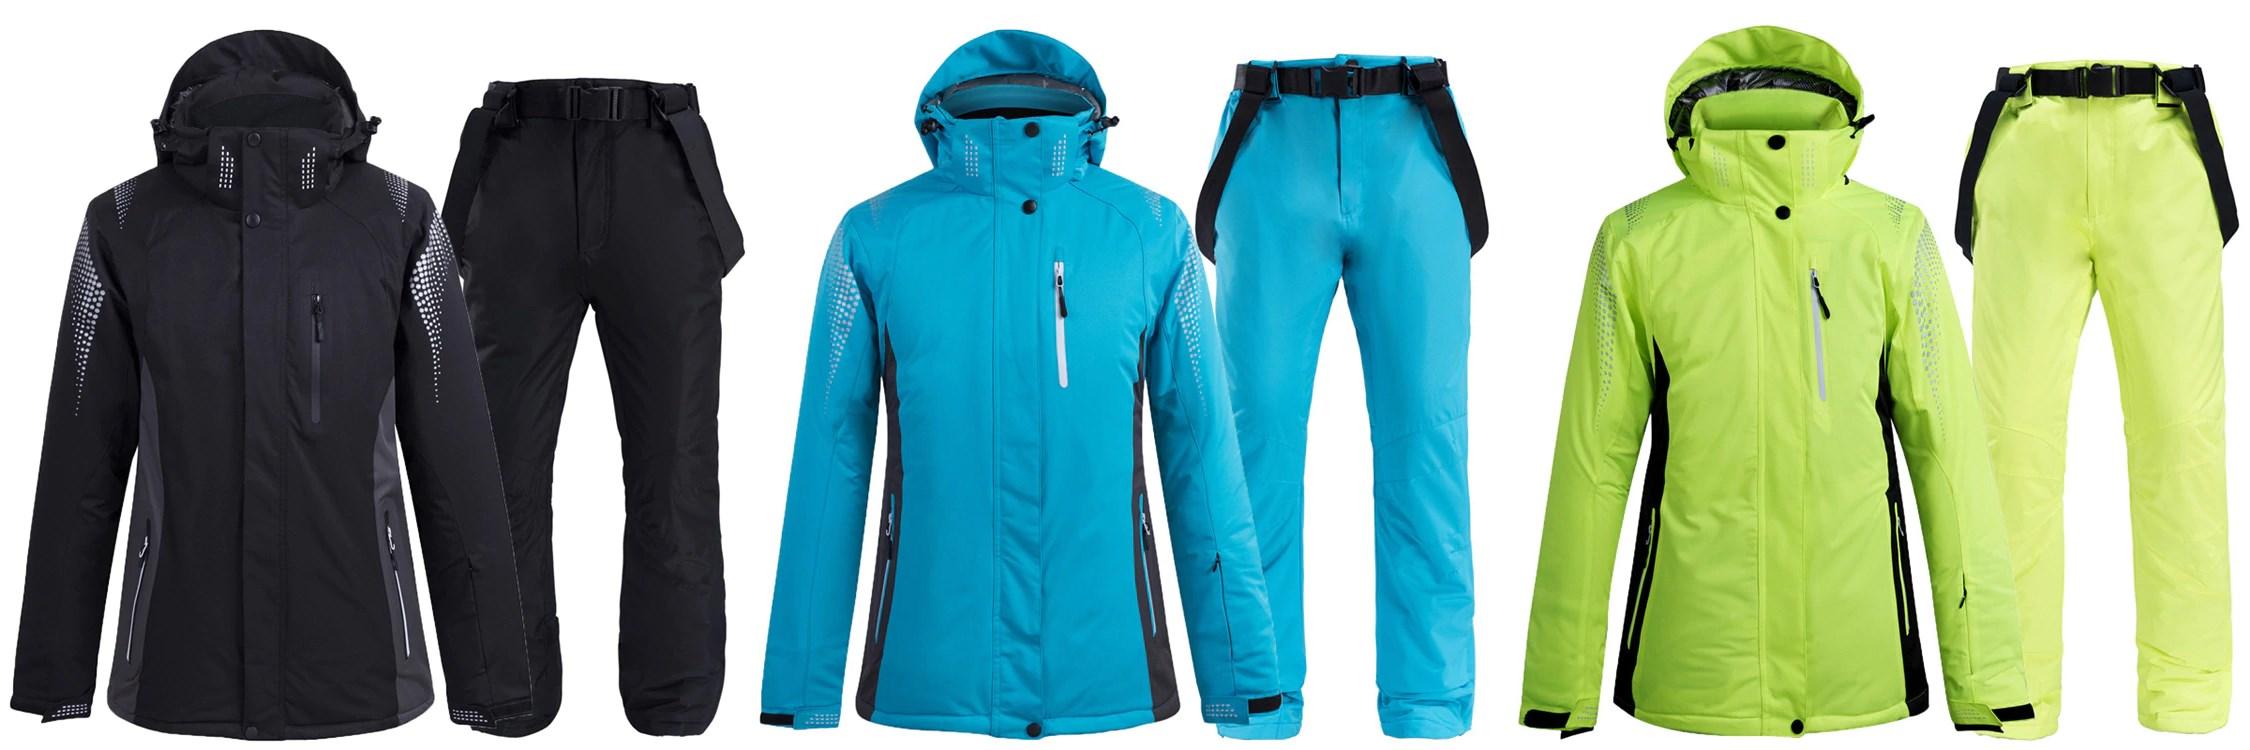 Ski Suit 3 Color